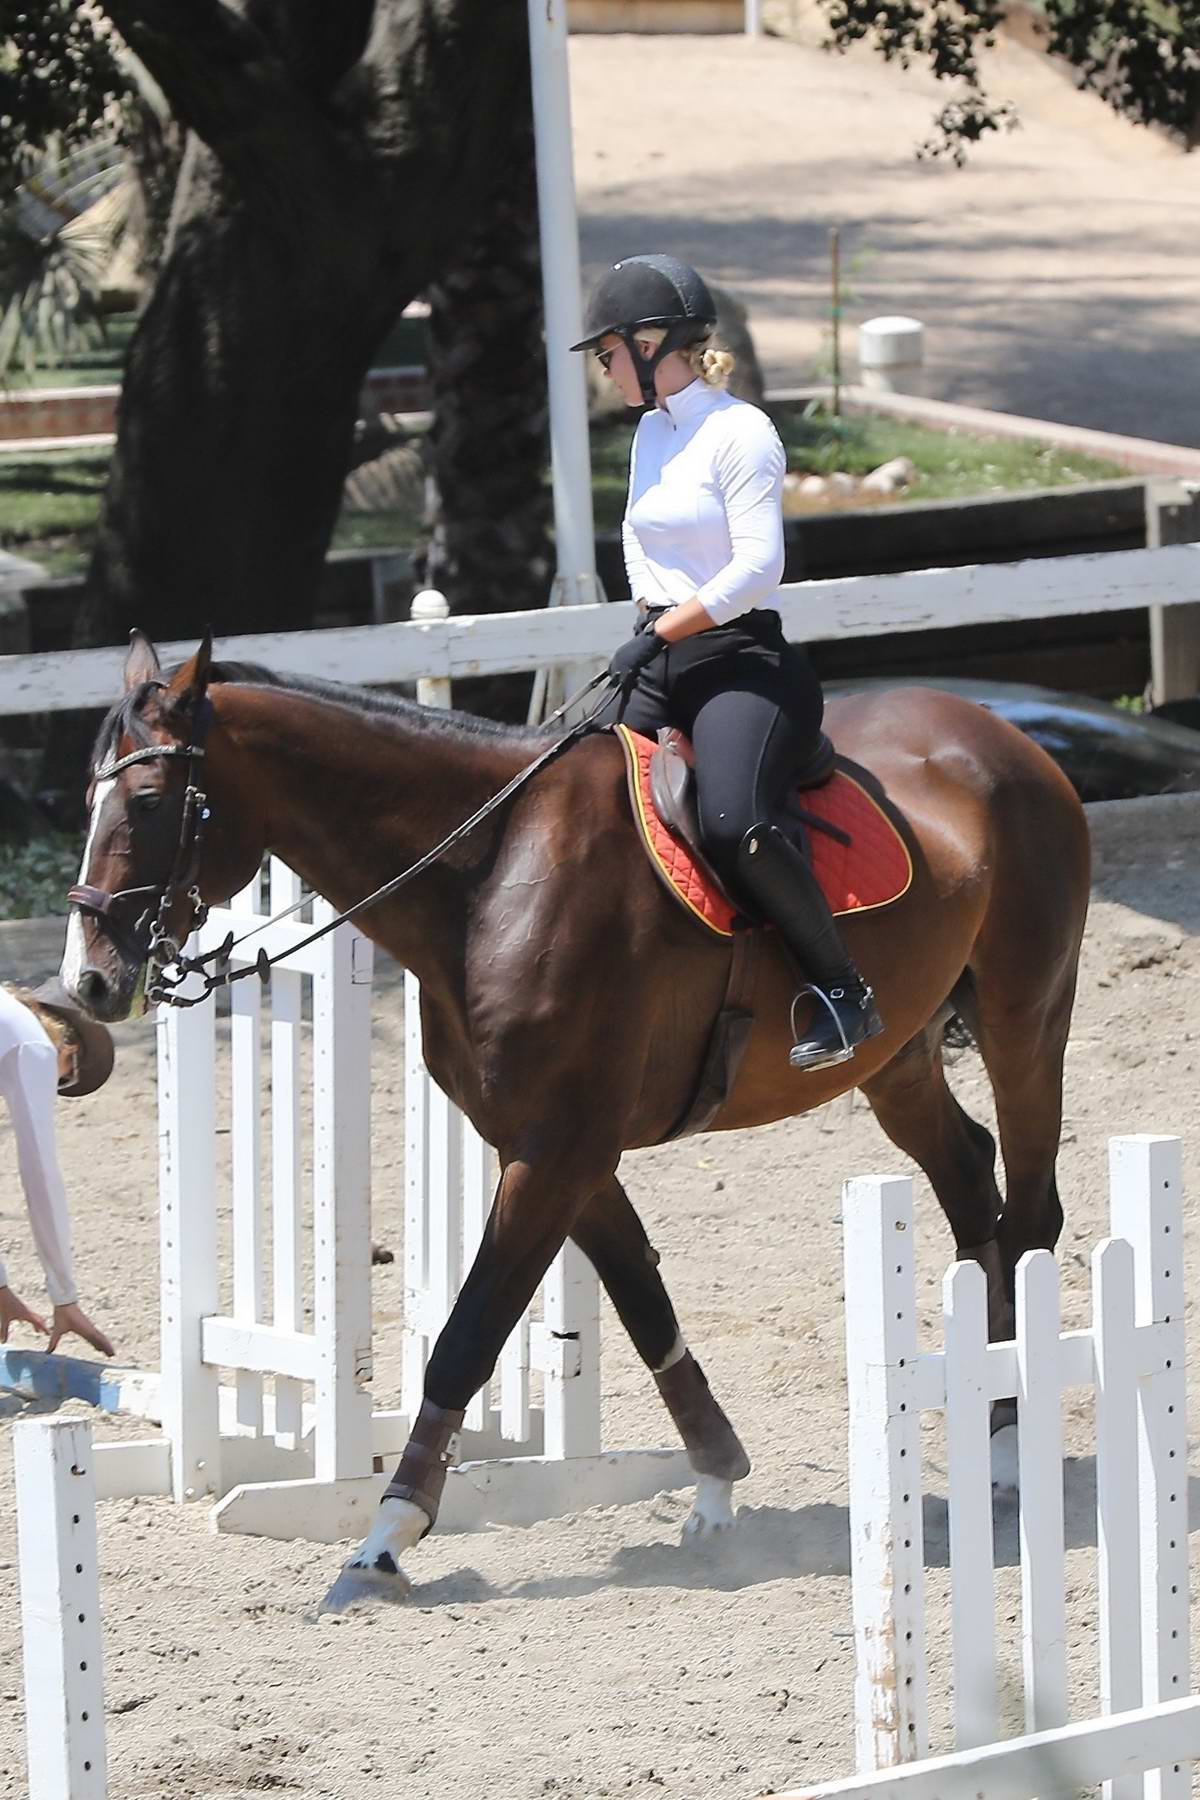 Iggy Azalea goes Horse riding in Los Angeles